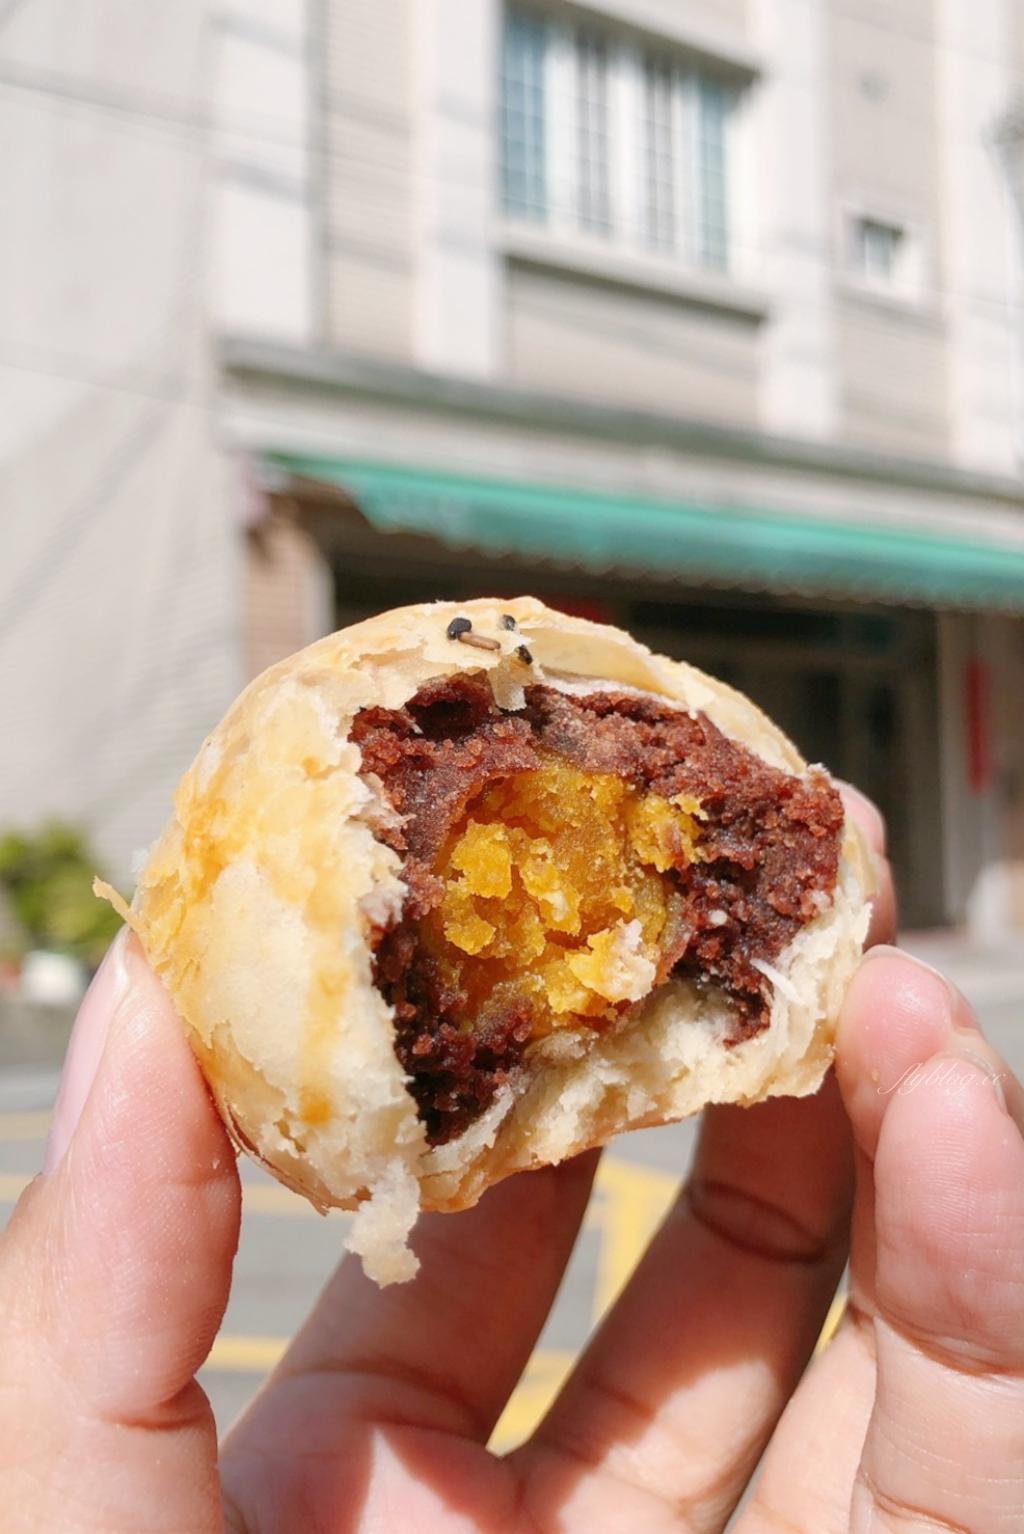 【台中沙鹿】上美蛋黃酥:沙鹿區鹿寮的懷舊餅店,平價又古早味的蛋黃酥 @飛天璇的口袋